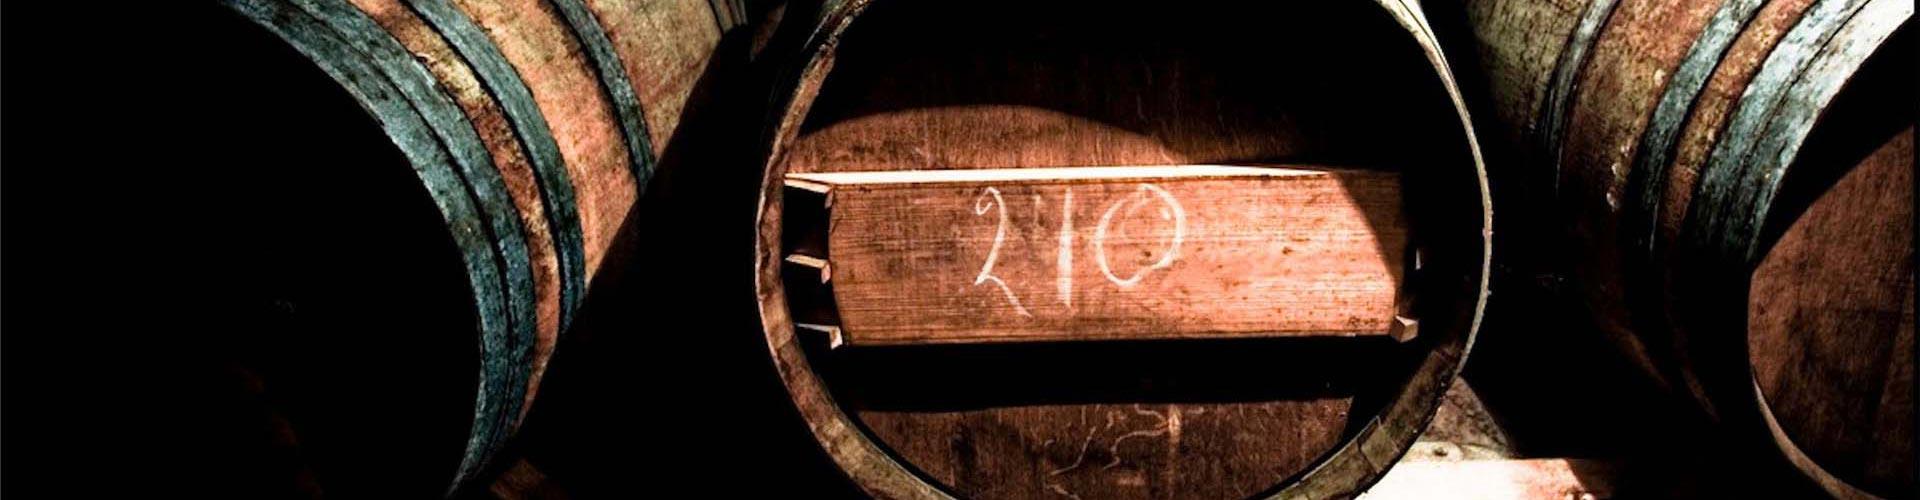 Three barrels of wine lying side by side in the shelf